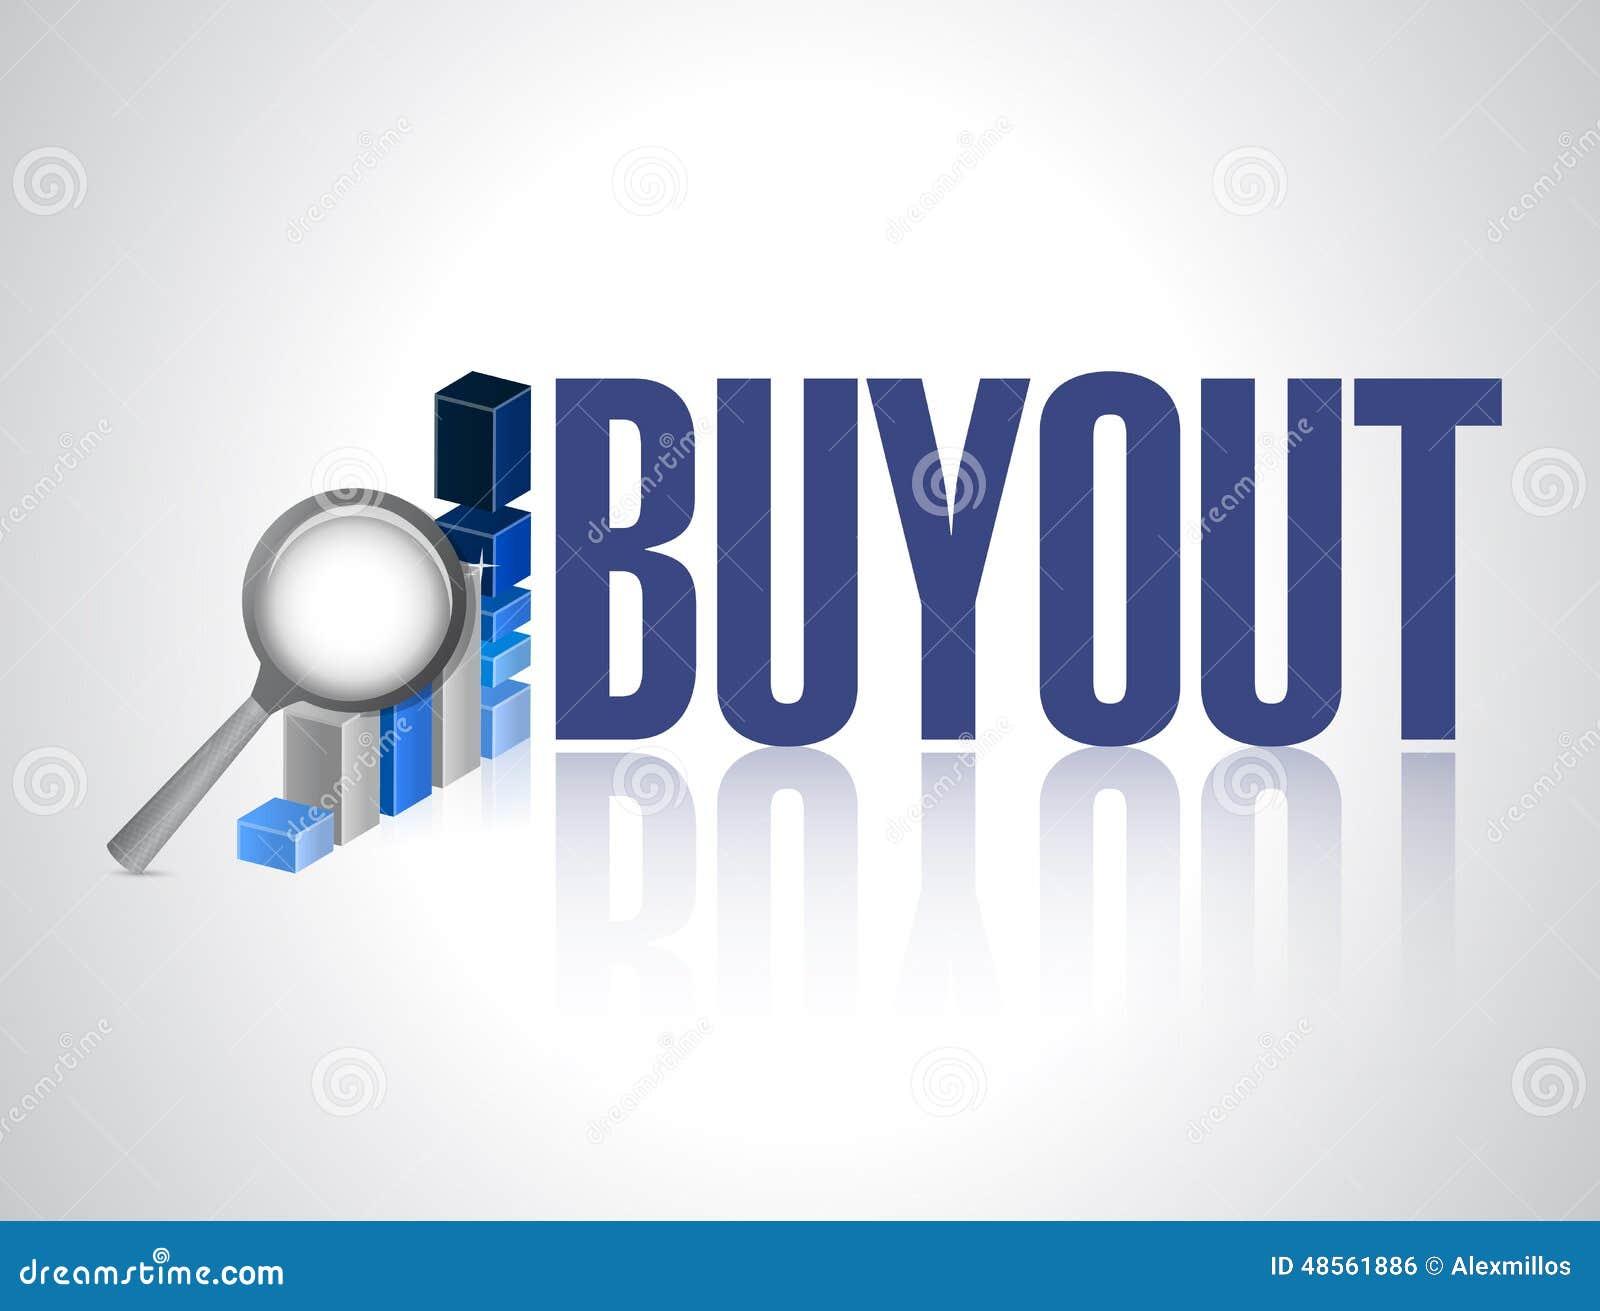 Leveraged Buyout - LBO